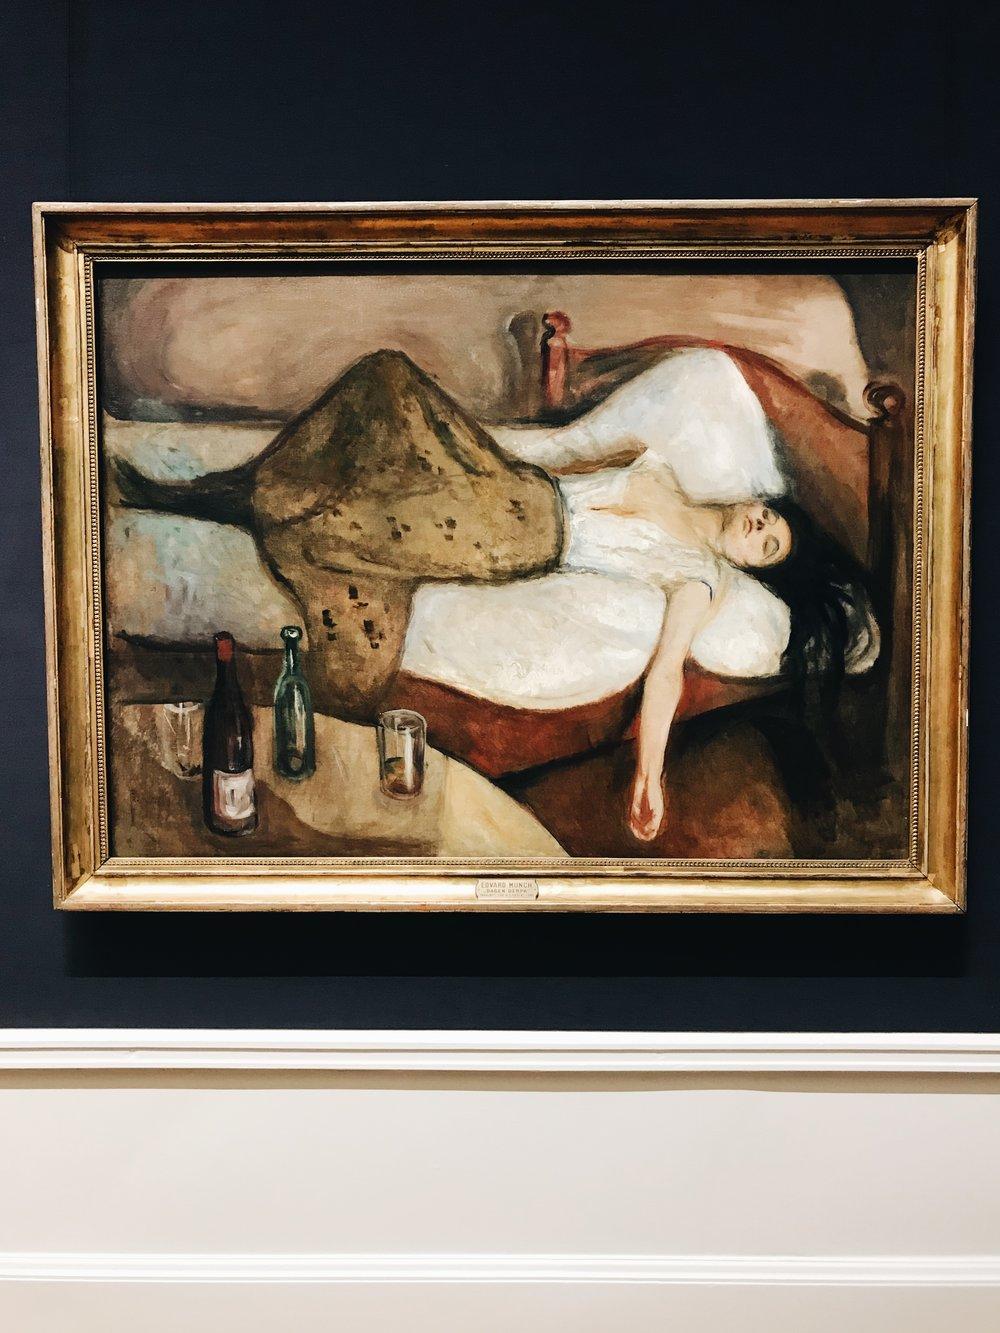 """""""The Day after"""" von Edvard Munch in der Nationalgalerie ist neben dem Klassiker """"The Scream"""" ein Highlight und passt ganz gut zur Julebord-Season."""